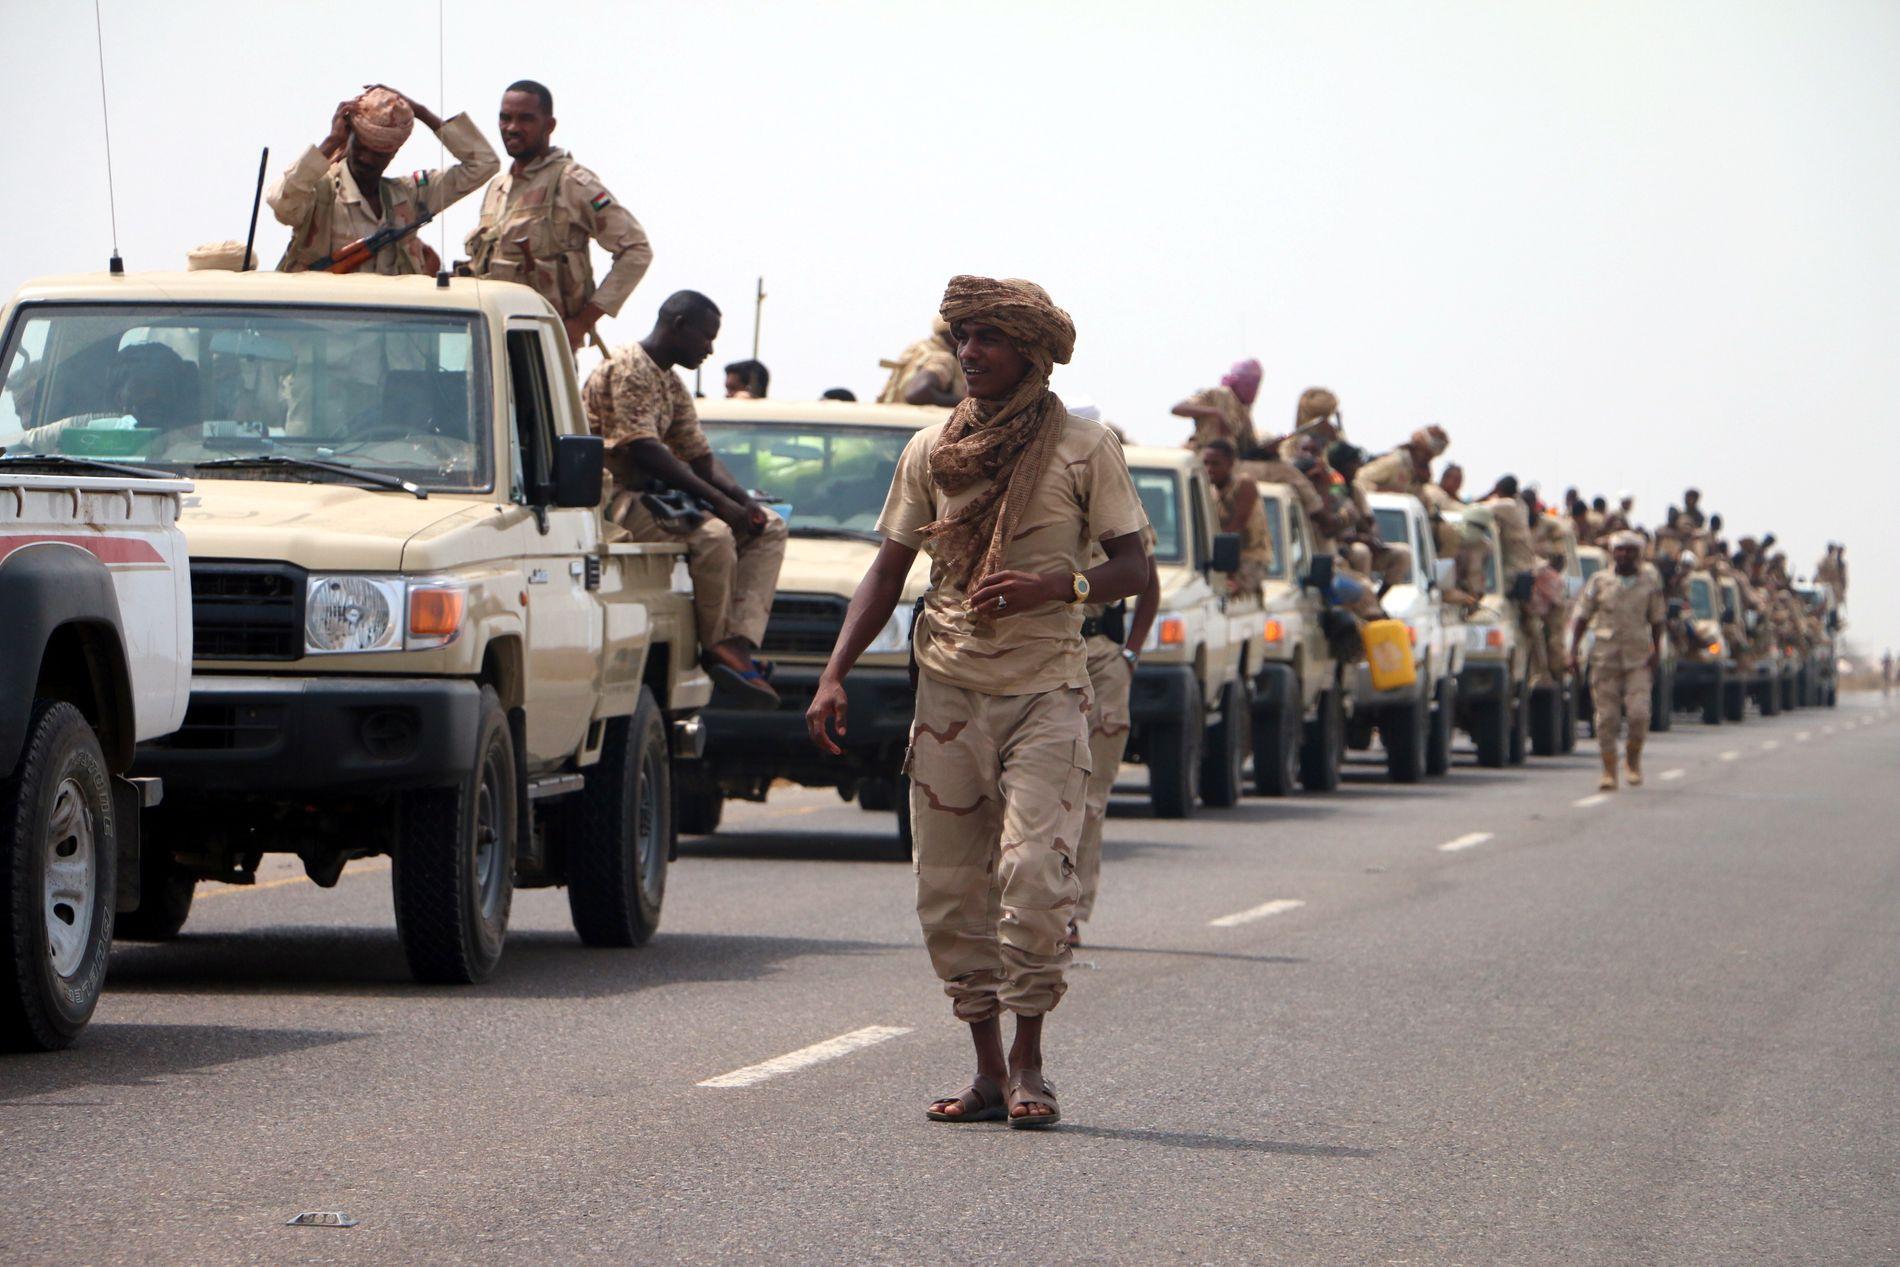 BAKKEANGREP: Den jemenittiske regjeringshæren ved hjelp av sudanske soldater har inntatt havnebyen Hodeidah ved Rødehavet. Bildet er tatt 12. juni.